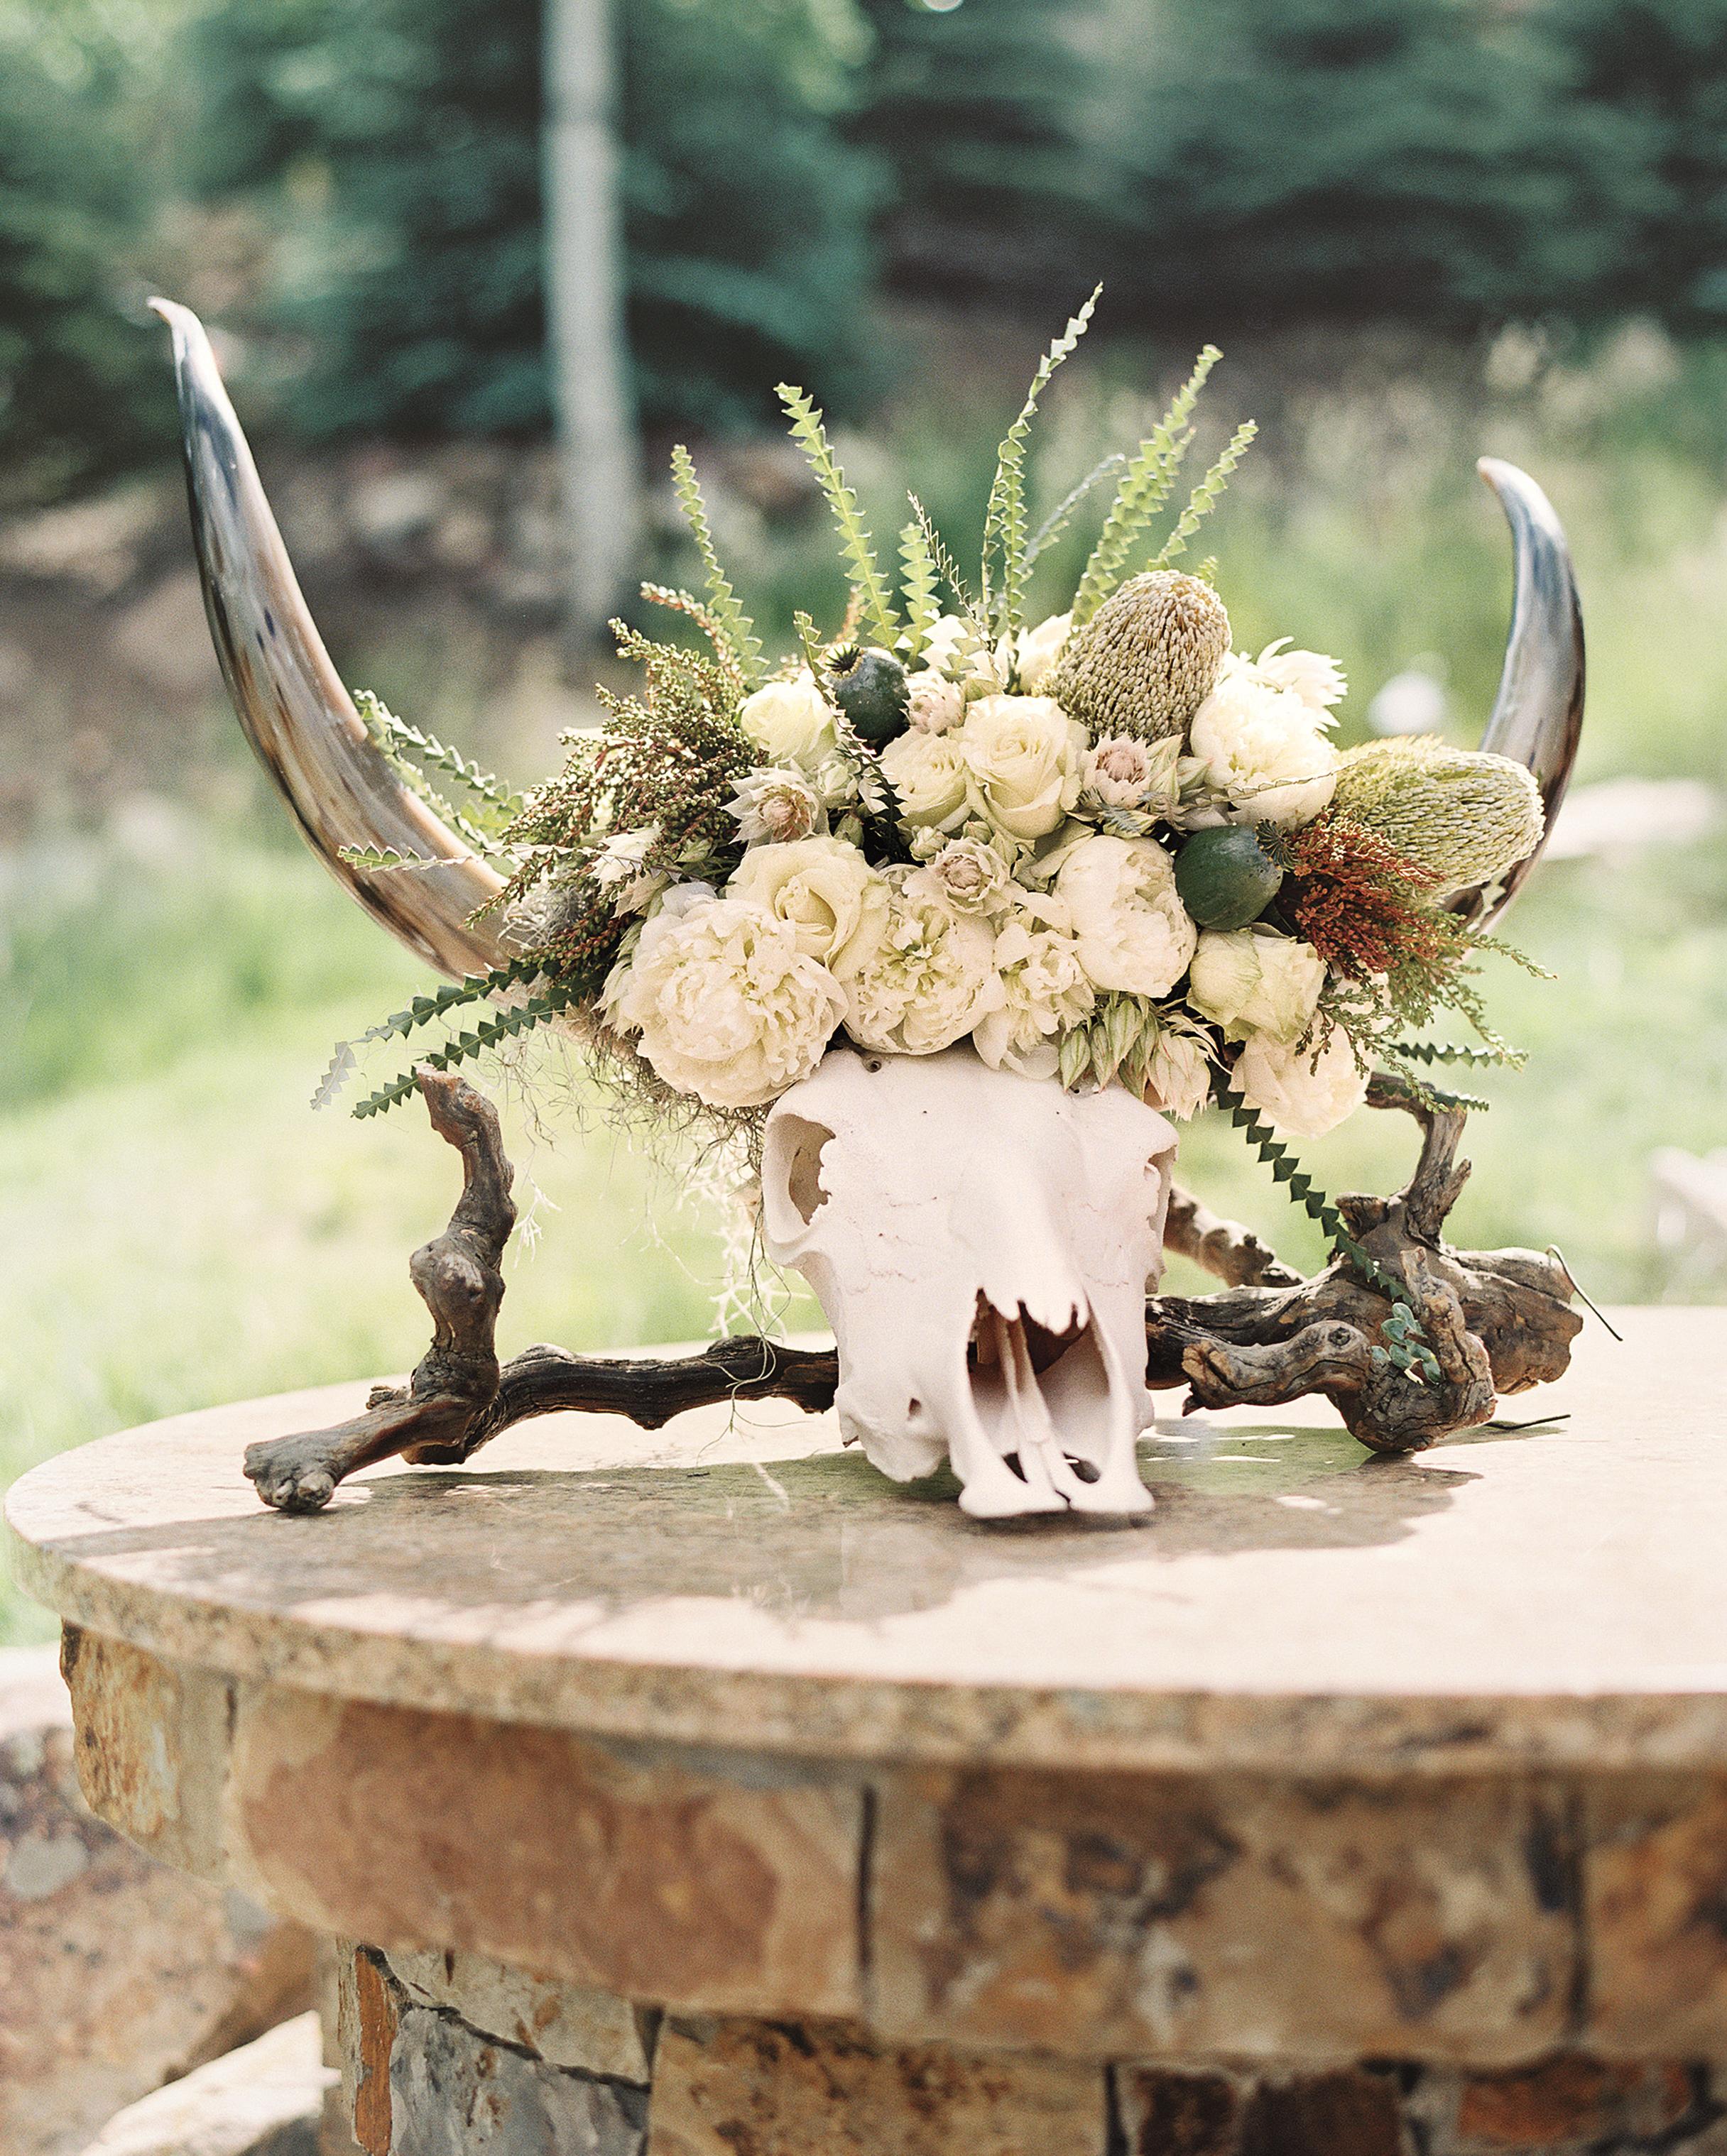 veronica-daniel-wedding-welcome-party-aspen-56-s112050.jpg